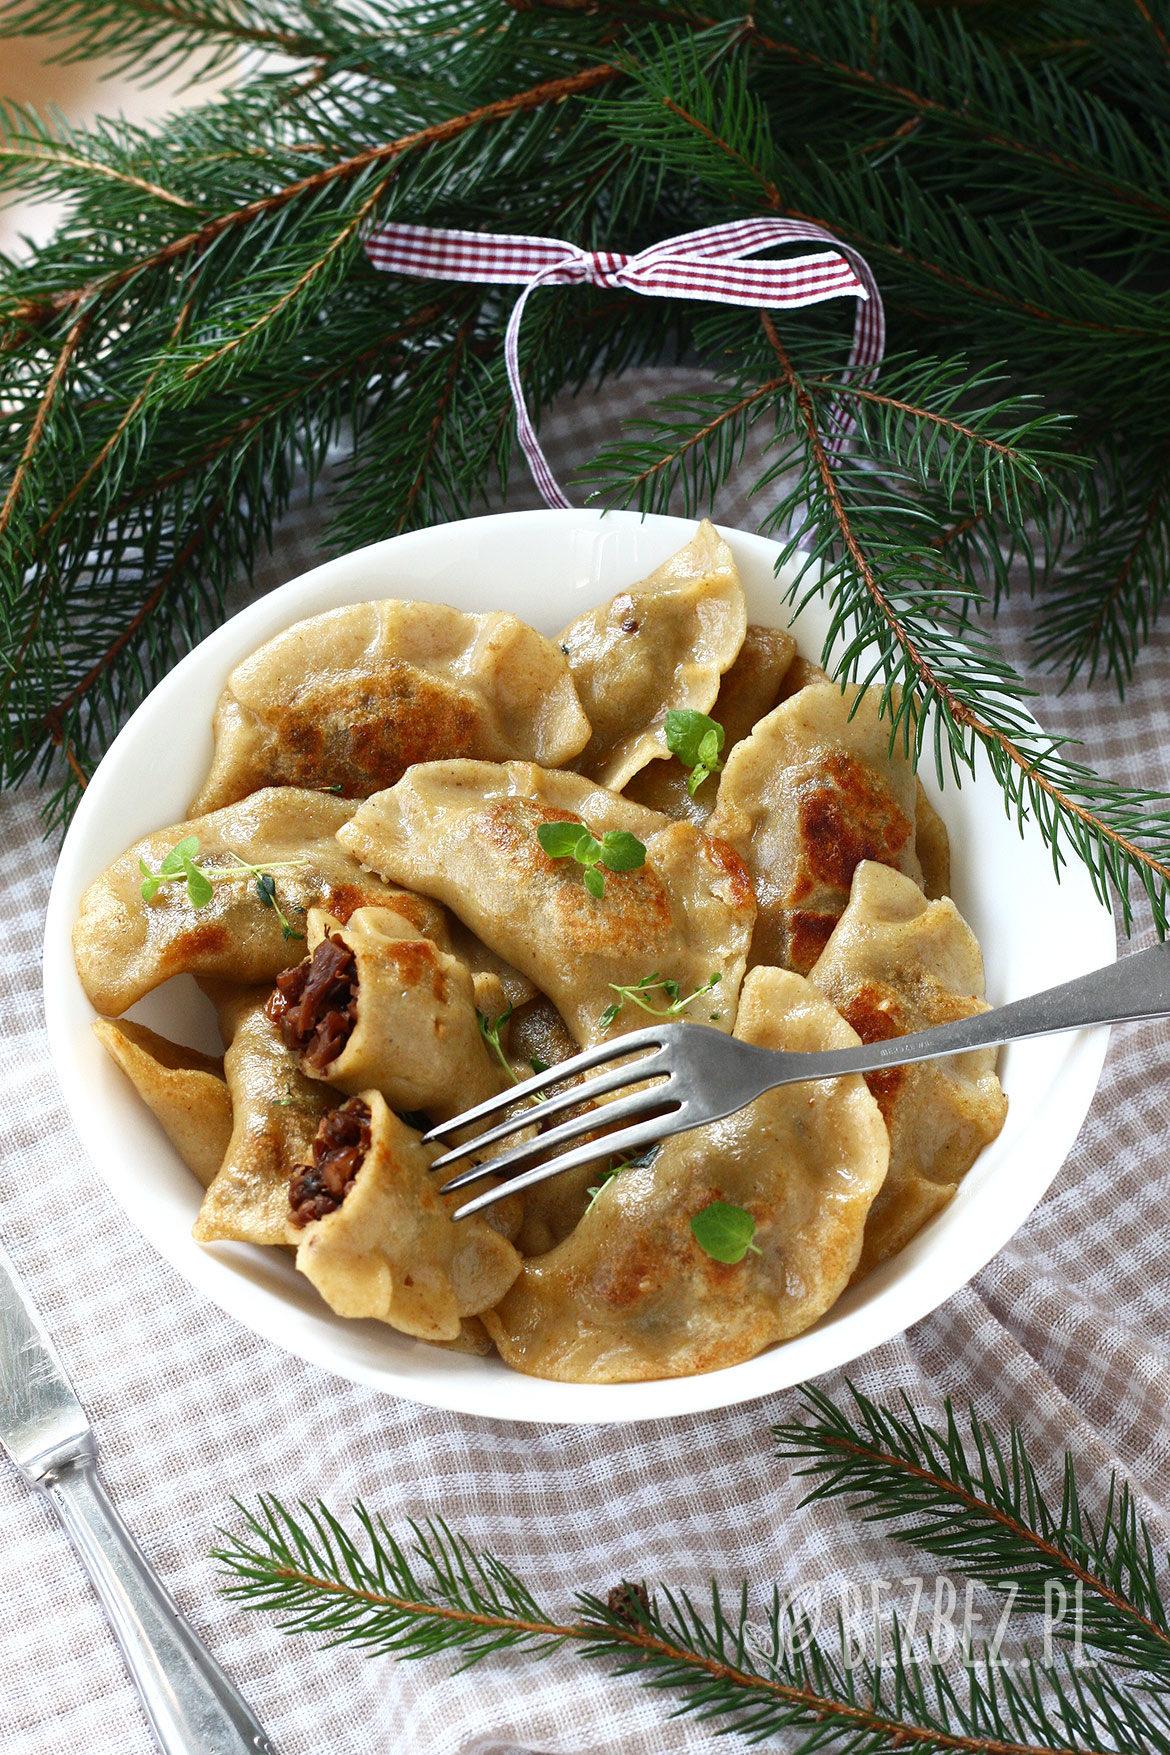 świąteczne bezglutenowe pierogi z boczniakami, orzechami włoskimi i rodzynkami